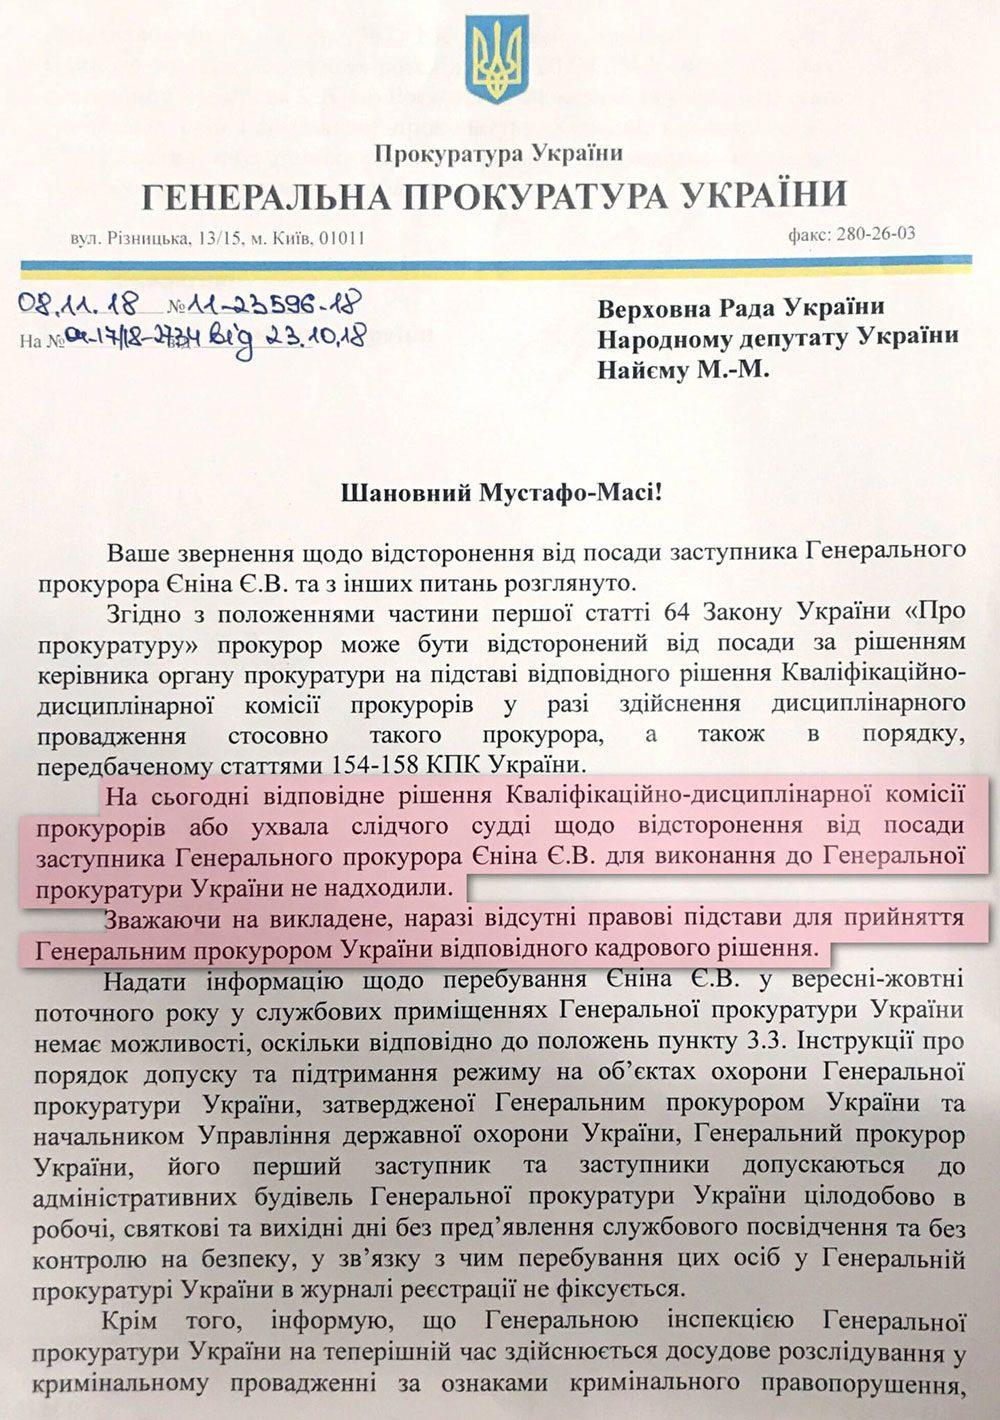 46149217 10213833942068786 7815521545803005952 o - Історія із передачею РФ уродженця Інгушетії отримала продовження - Заборона